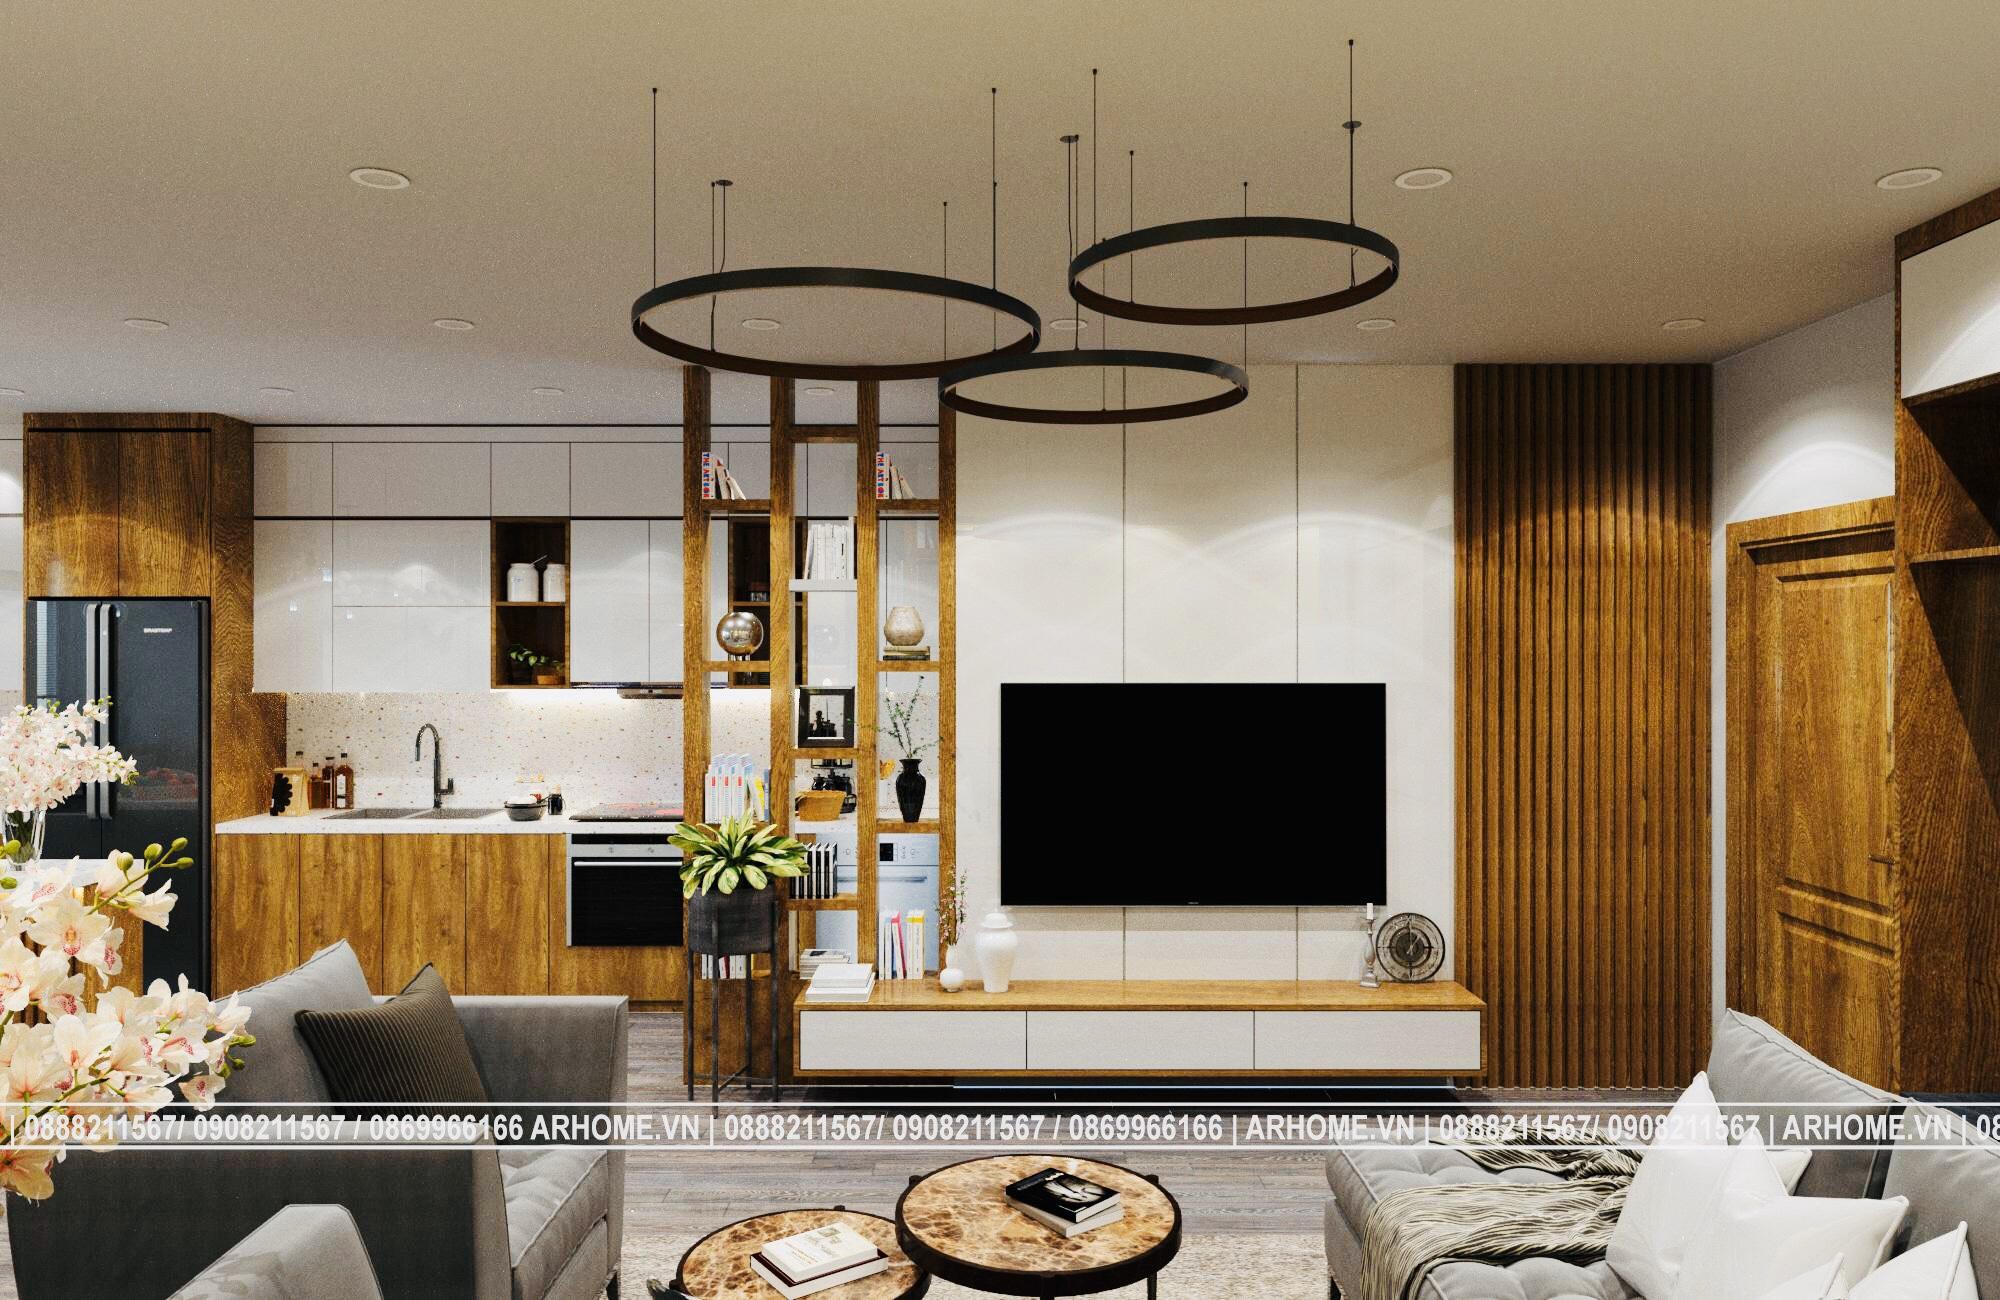 Thiết kế nội thất căn hộ EuroWindow 1 Phòng ngủ màu nâu vàng cuốn hút